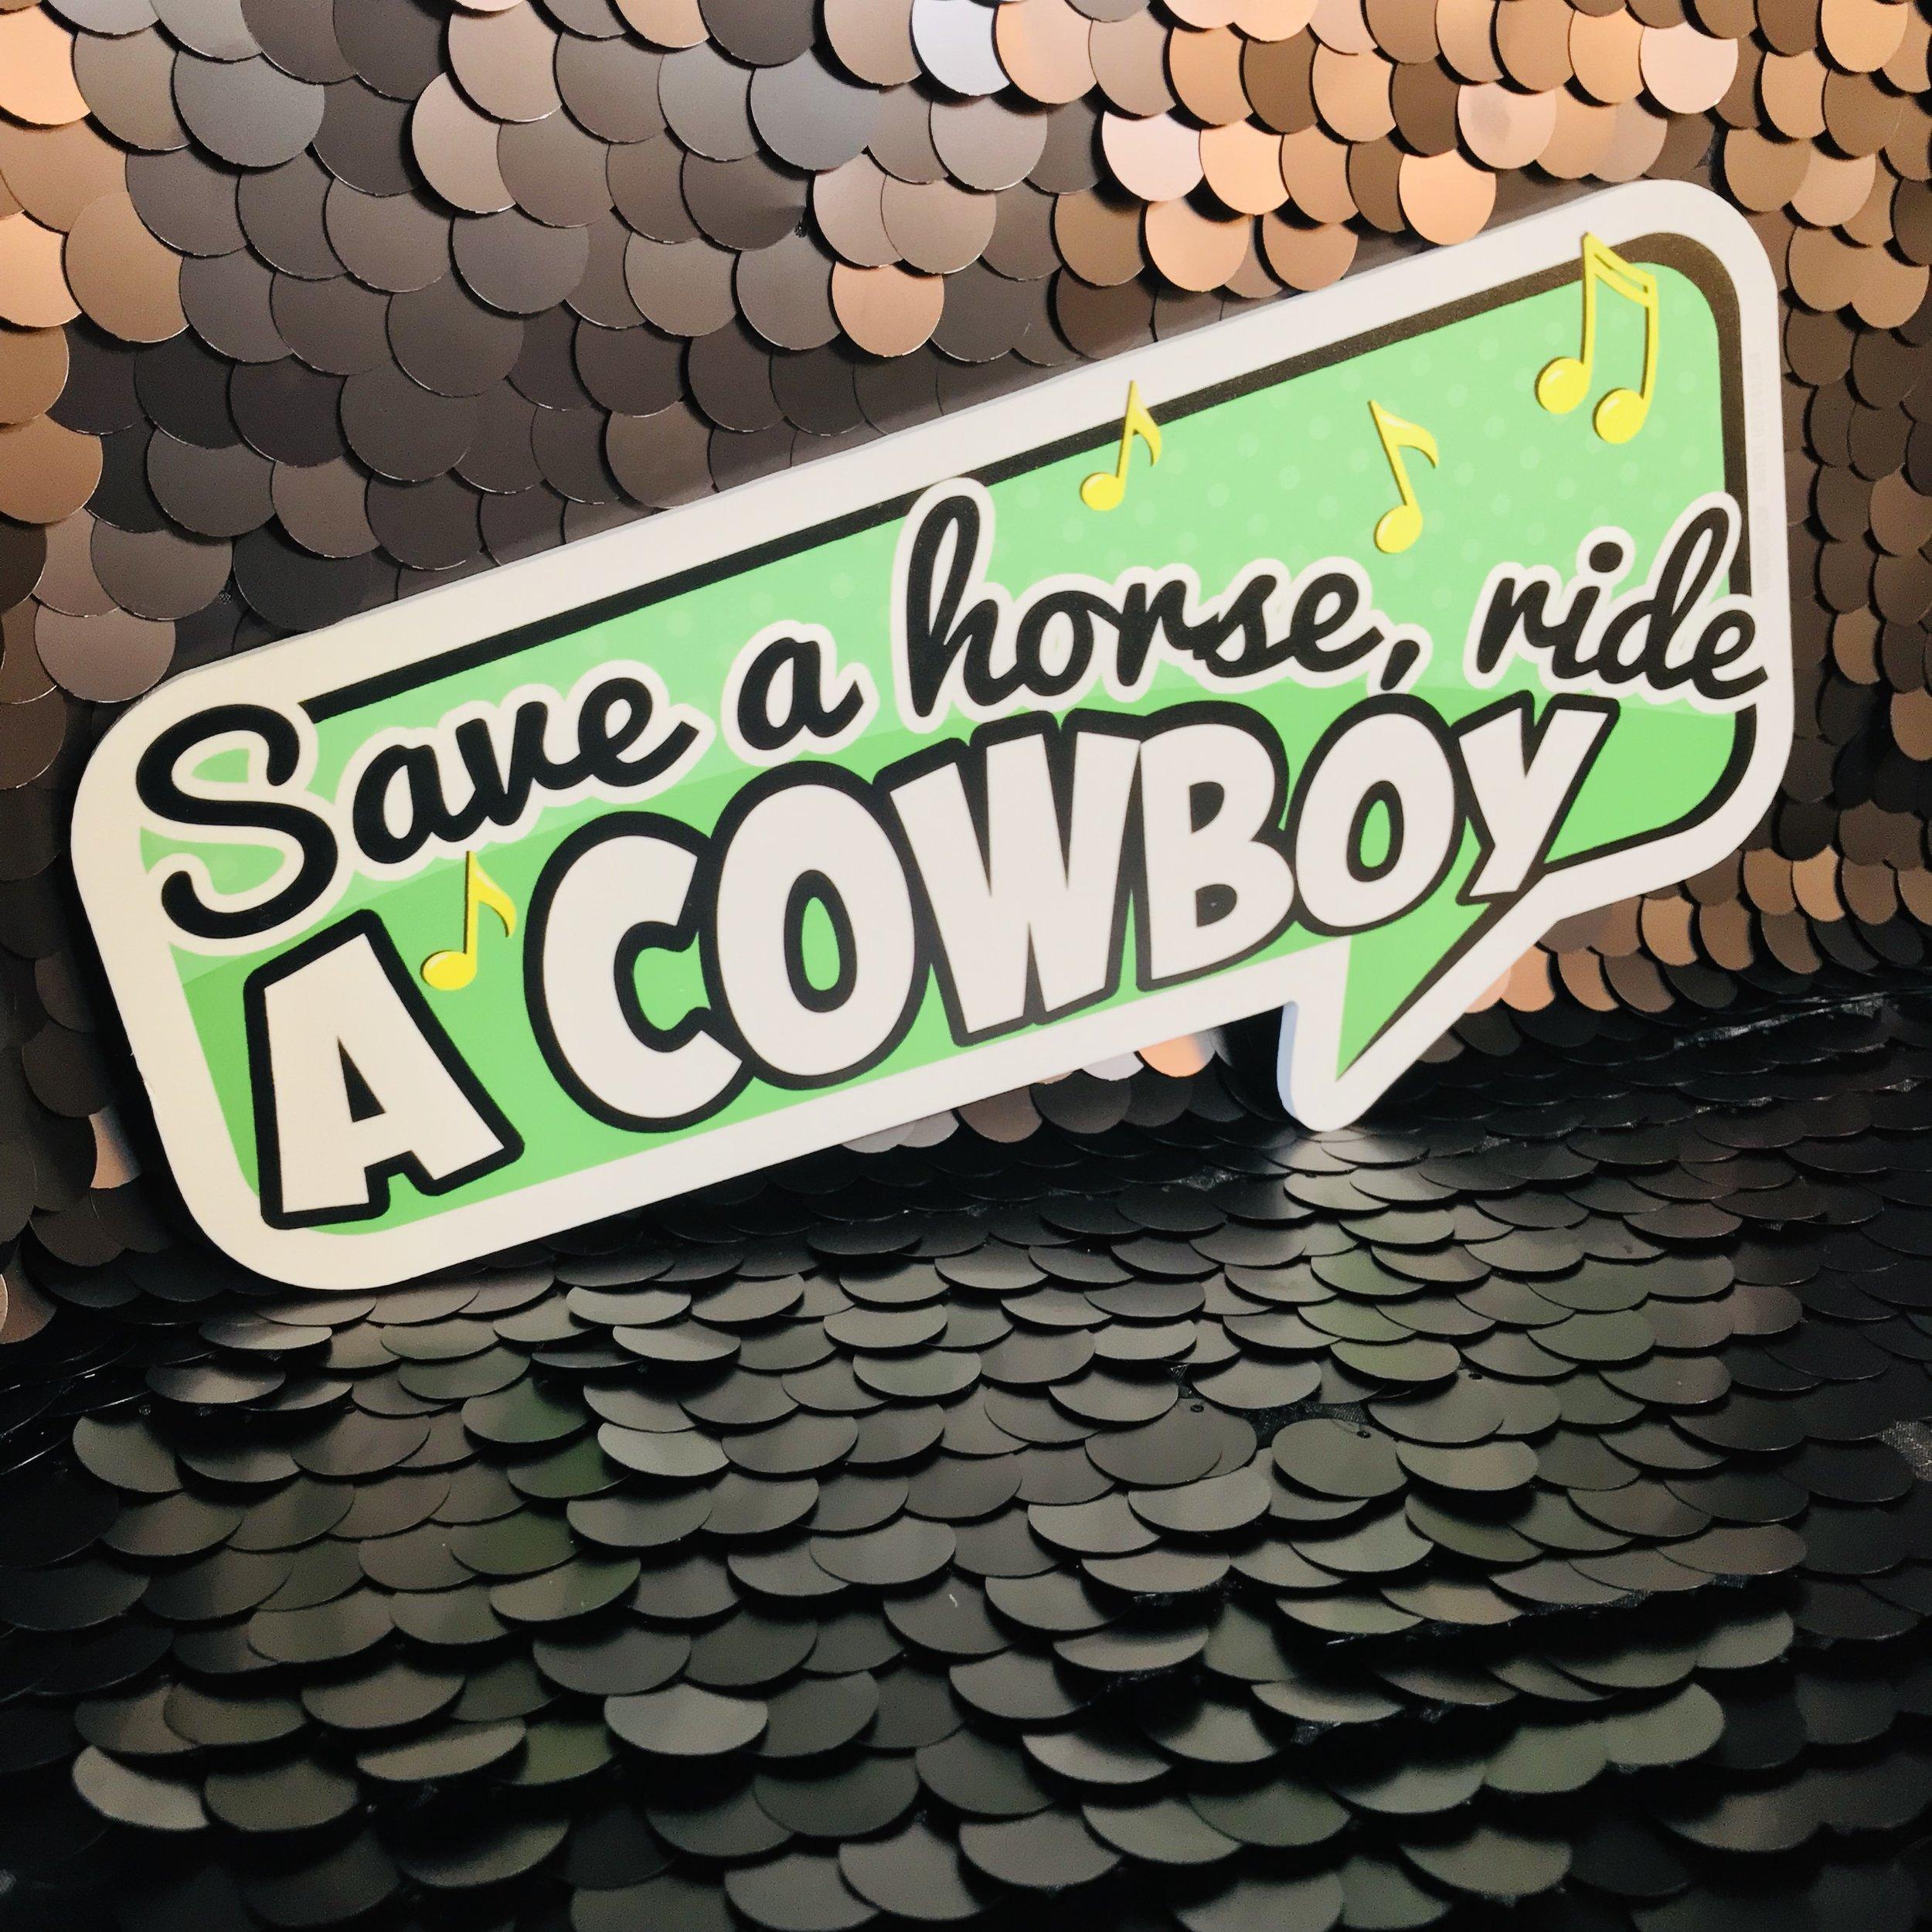 save a horse, ride a cowboy.jpg